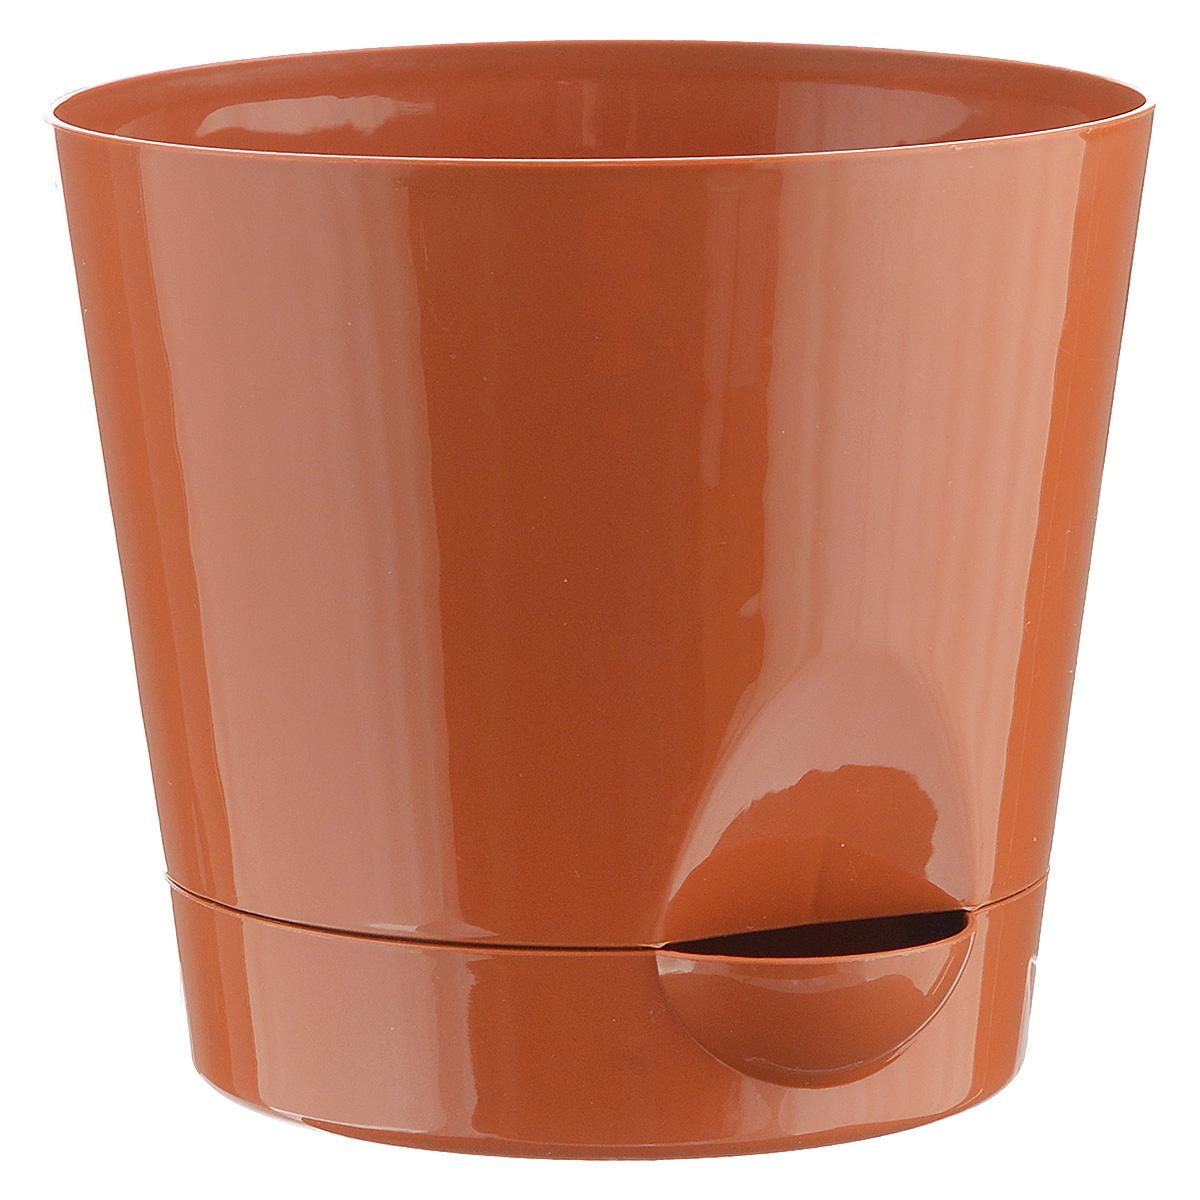 Кашпо Idea Ника, с прикорневым поливом, с поддоном, цвет: терракотовый, 800 мл67063_1Кашпо Idea Ника изготовлено из высококачественного полипропилена (пластика). В комплект входит поддон со специальной выемкой, благодаря которому имеется возможность прикорневого полива. Изделие подходит для выращивания растений и цветов в домашних условиях. Стильная яркая картинка сделает такое кашпо прекрасным дополнением интерьера.Объем горшка: 0,8 л.Диаметр горшка (по верхнему краю): 12 см.Высота горшка: 10,7 см.Диаметр подставки: 10 см.